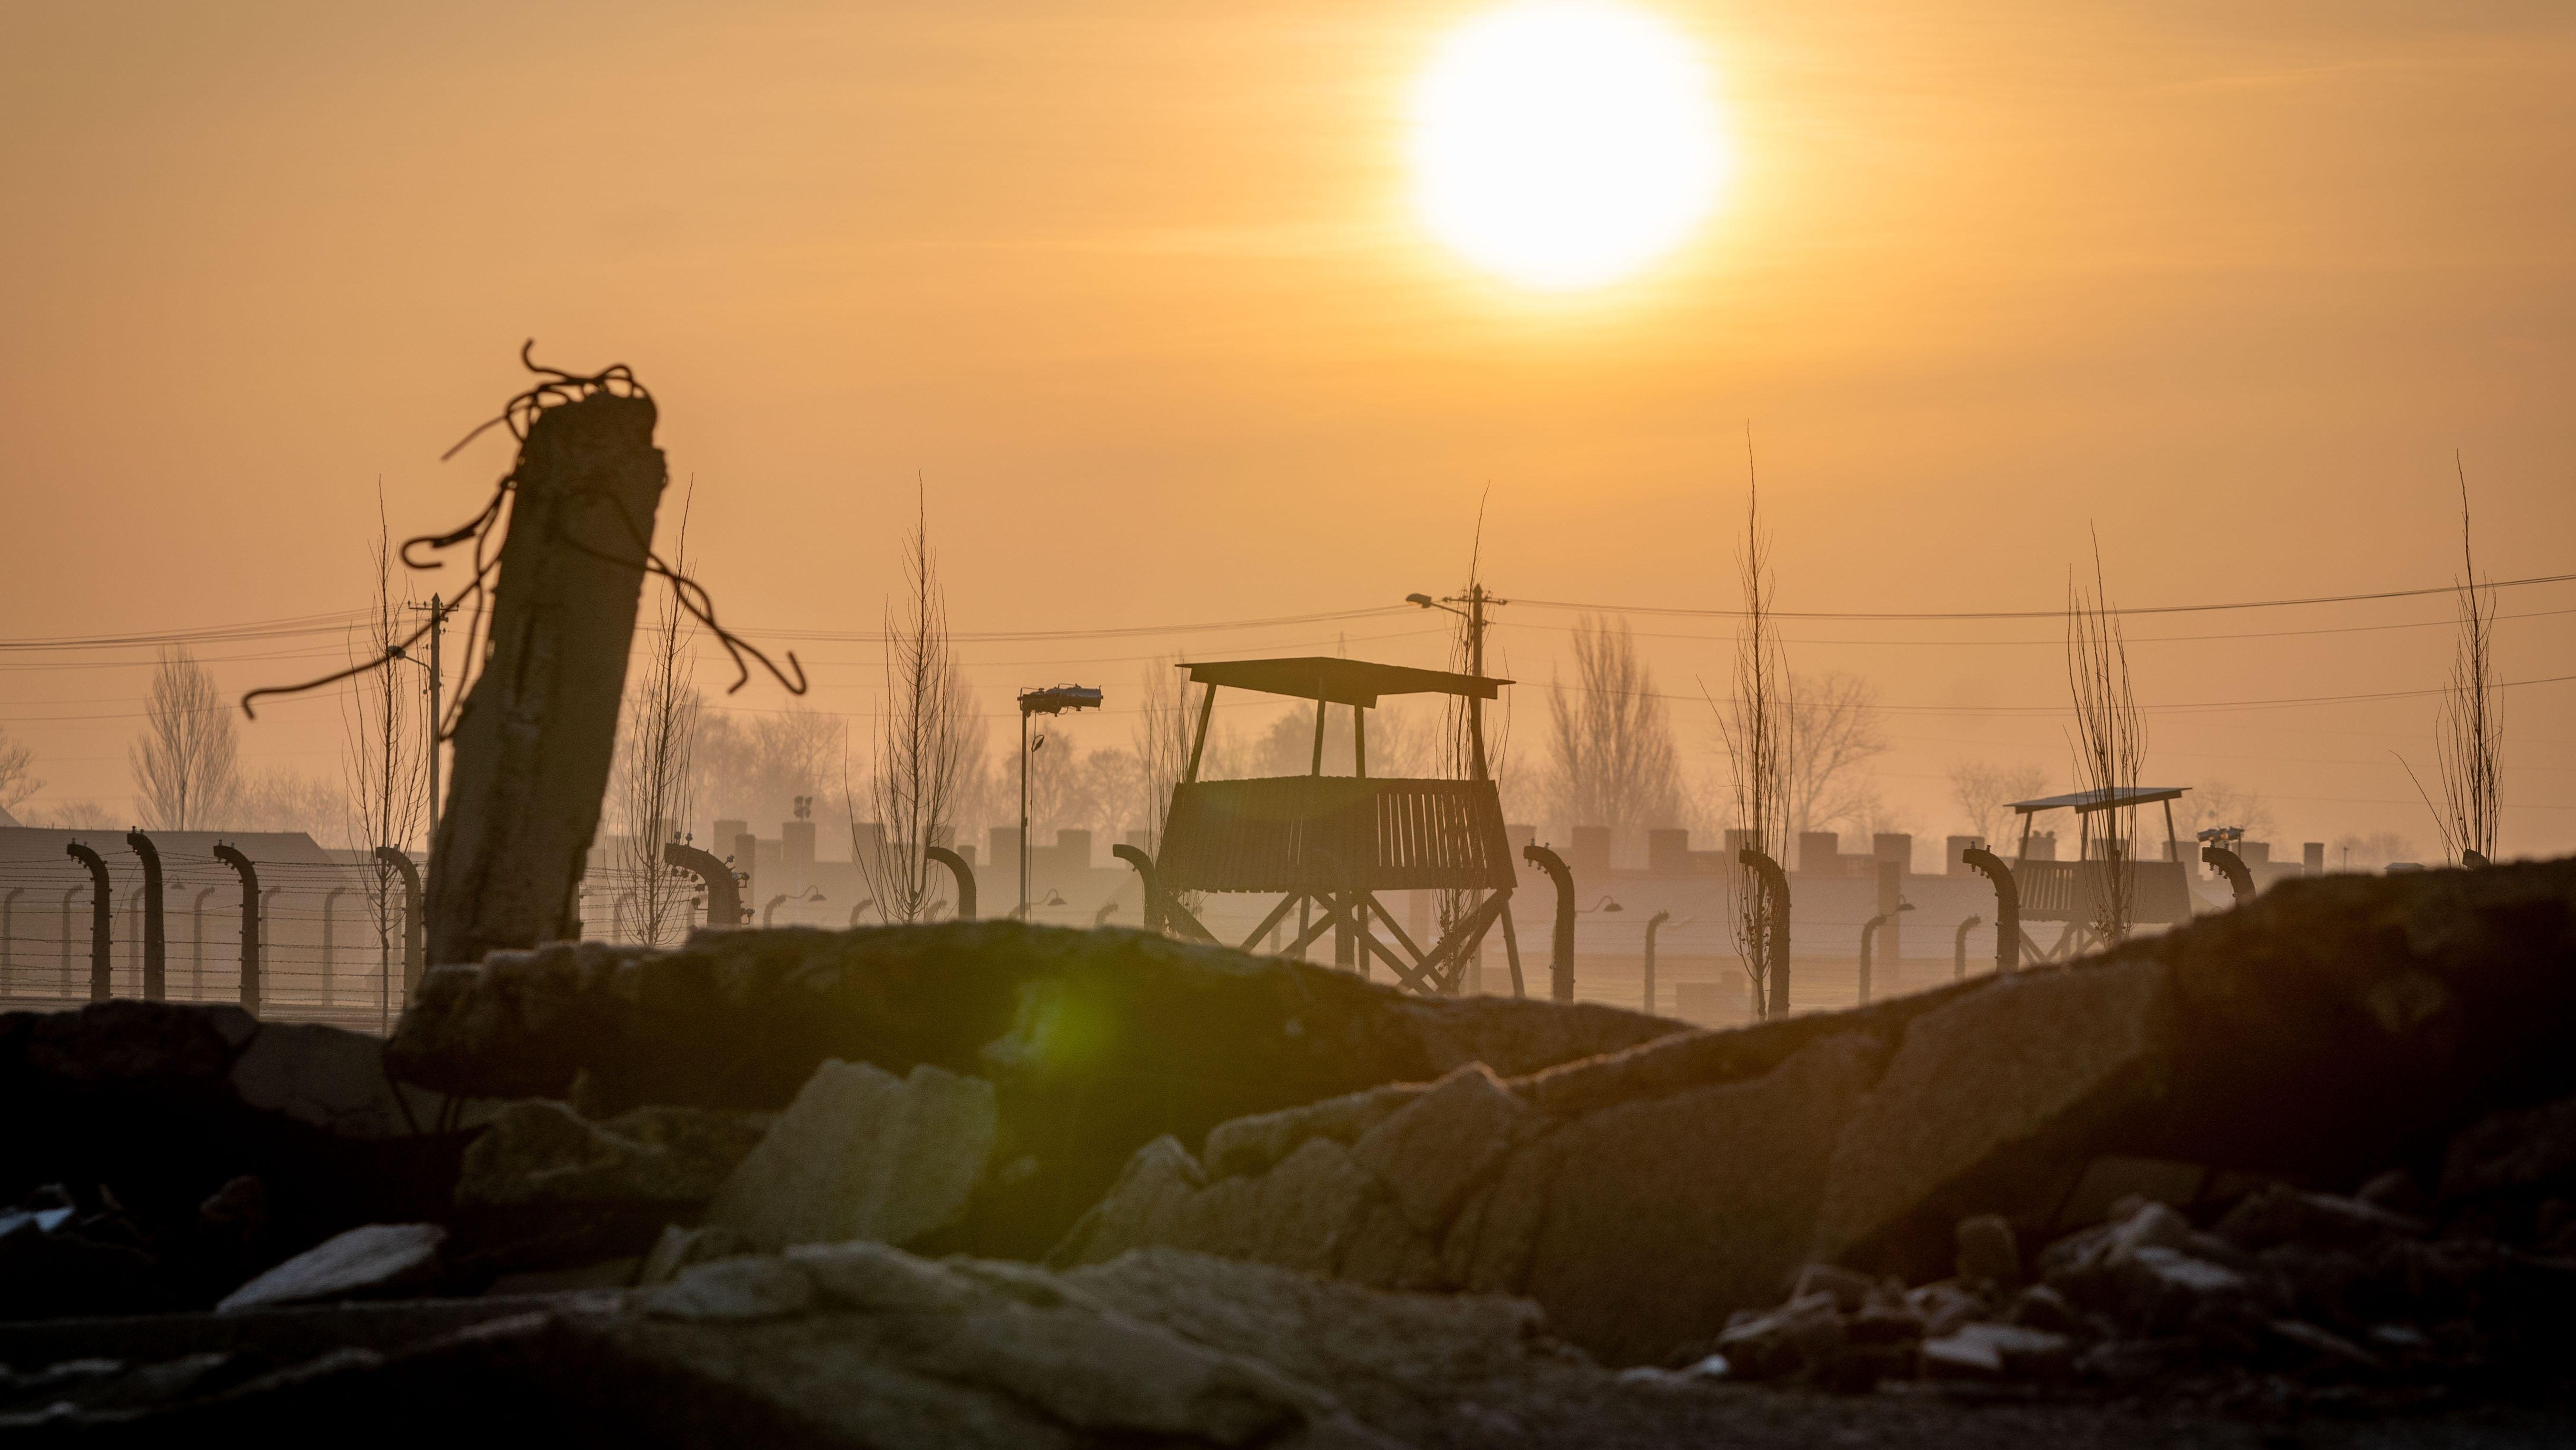 Im Vordergrund: Ruine einer Gaskammer in Auschwitz